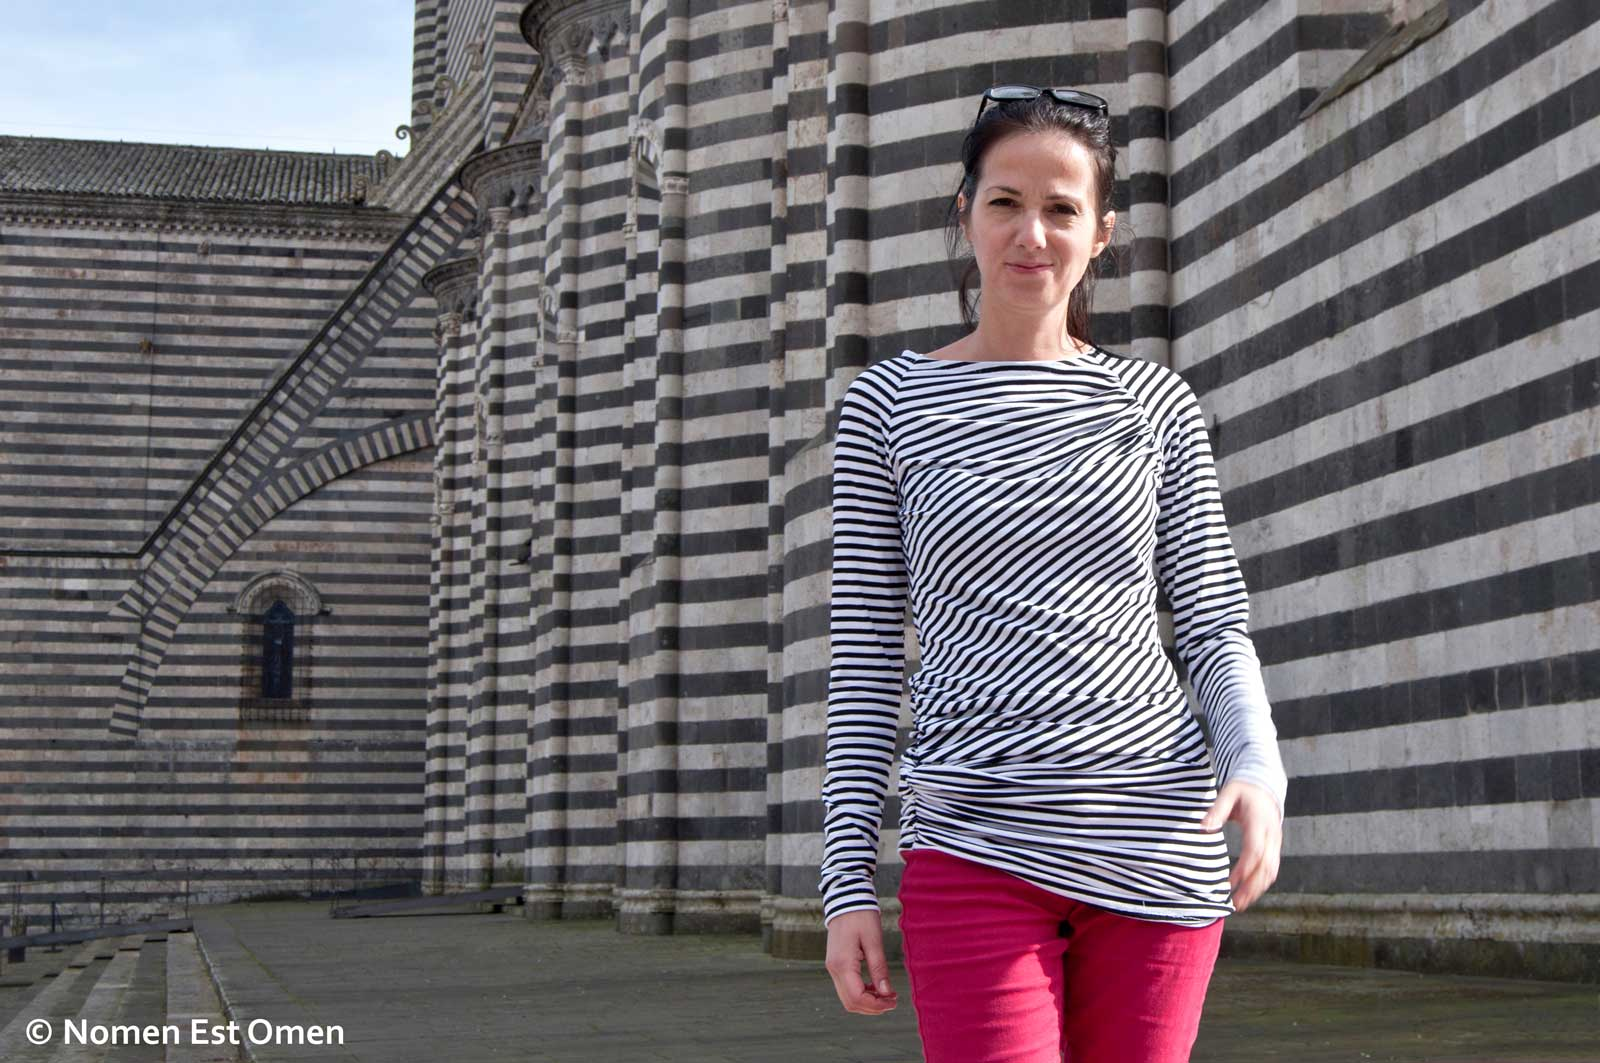 Nomen Est Omen - Siena sau Orvieto?